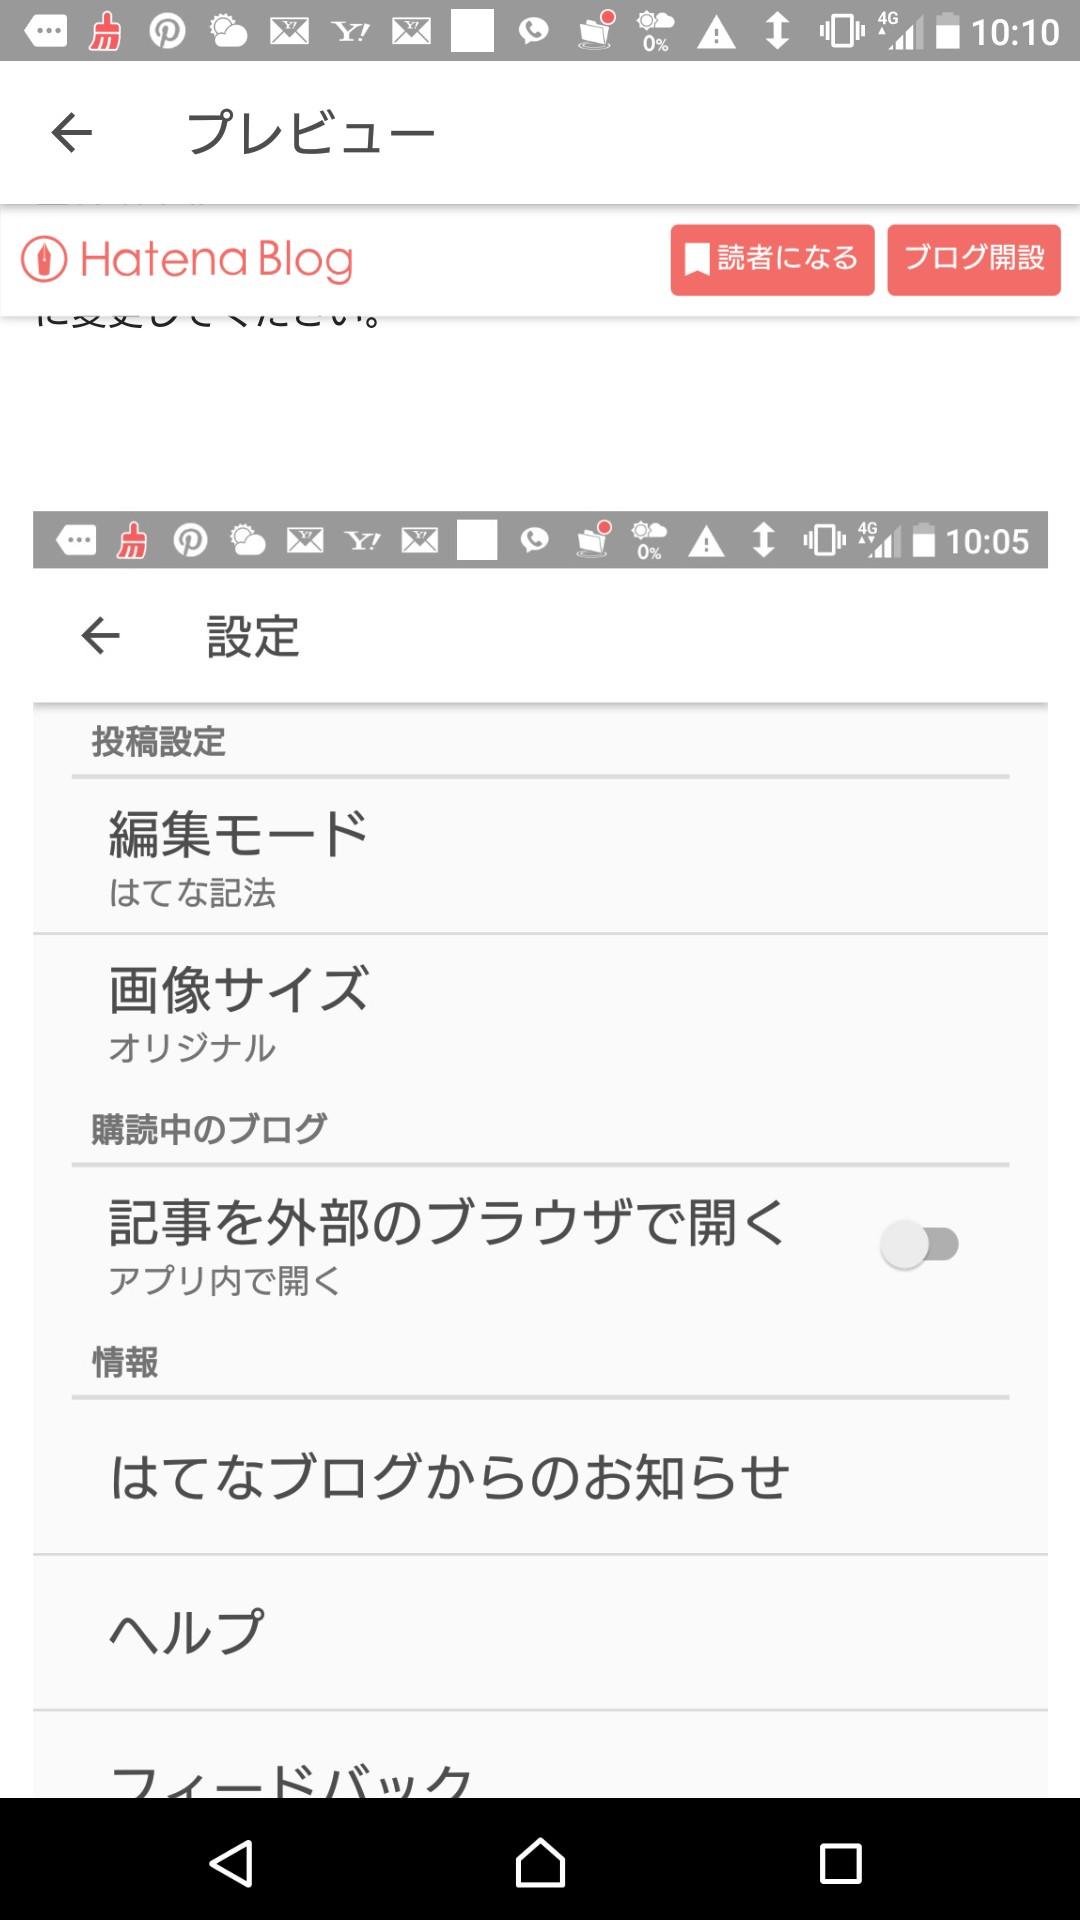 f:id:uuuta1122:20181030101101j:plain